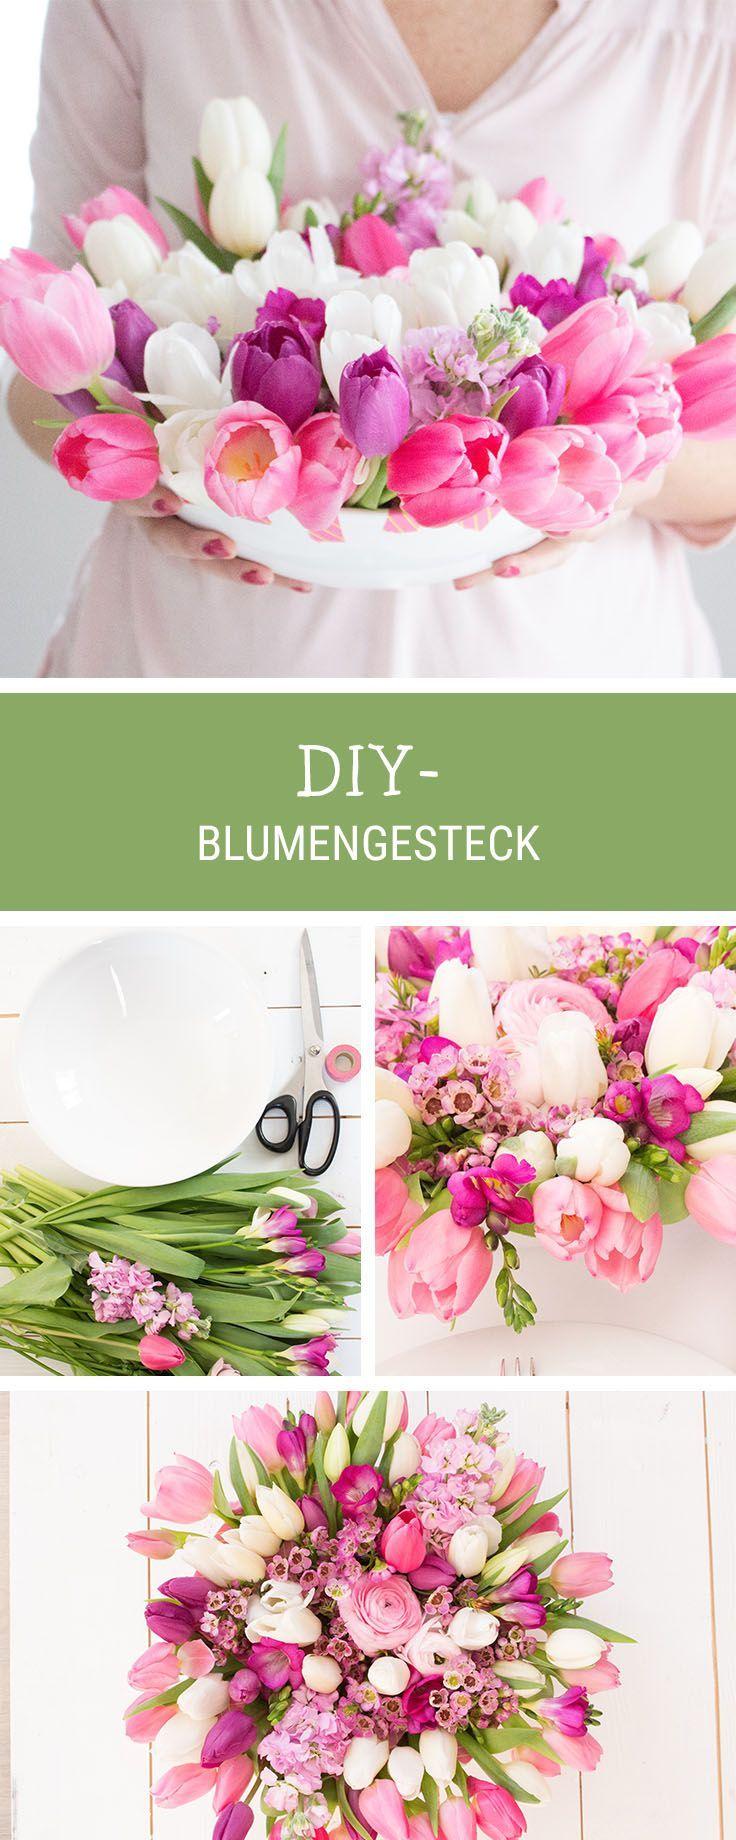 Wir zeigen Dir, wie Du ein Blumengesteck für den Frühling schön in Szene setzt / how to arrange a spring floral bouquet via DaWanda.com